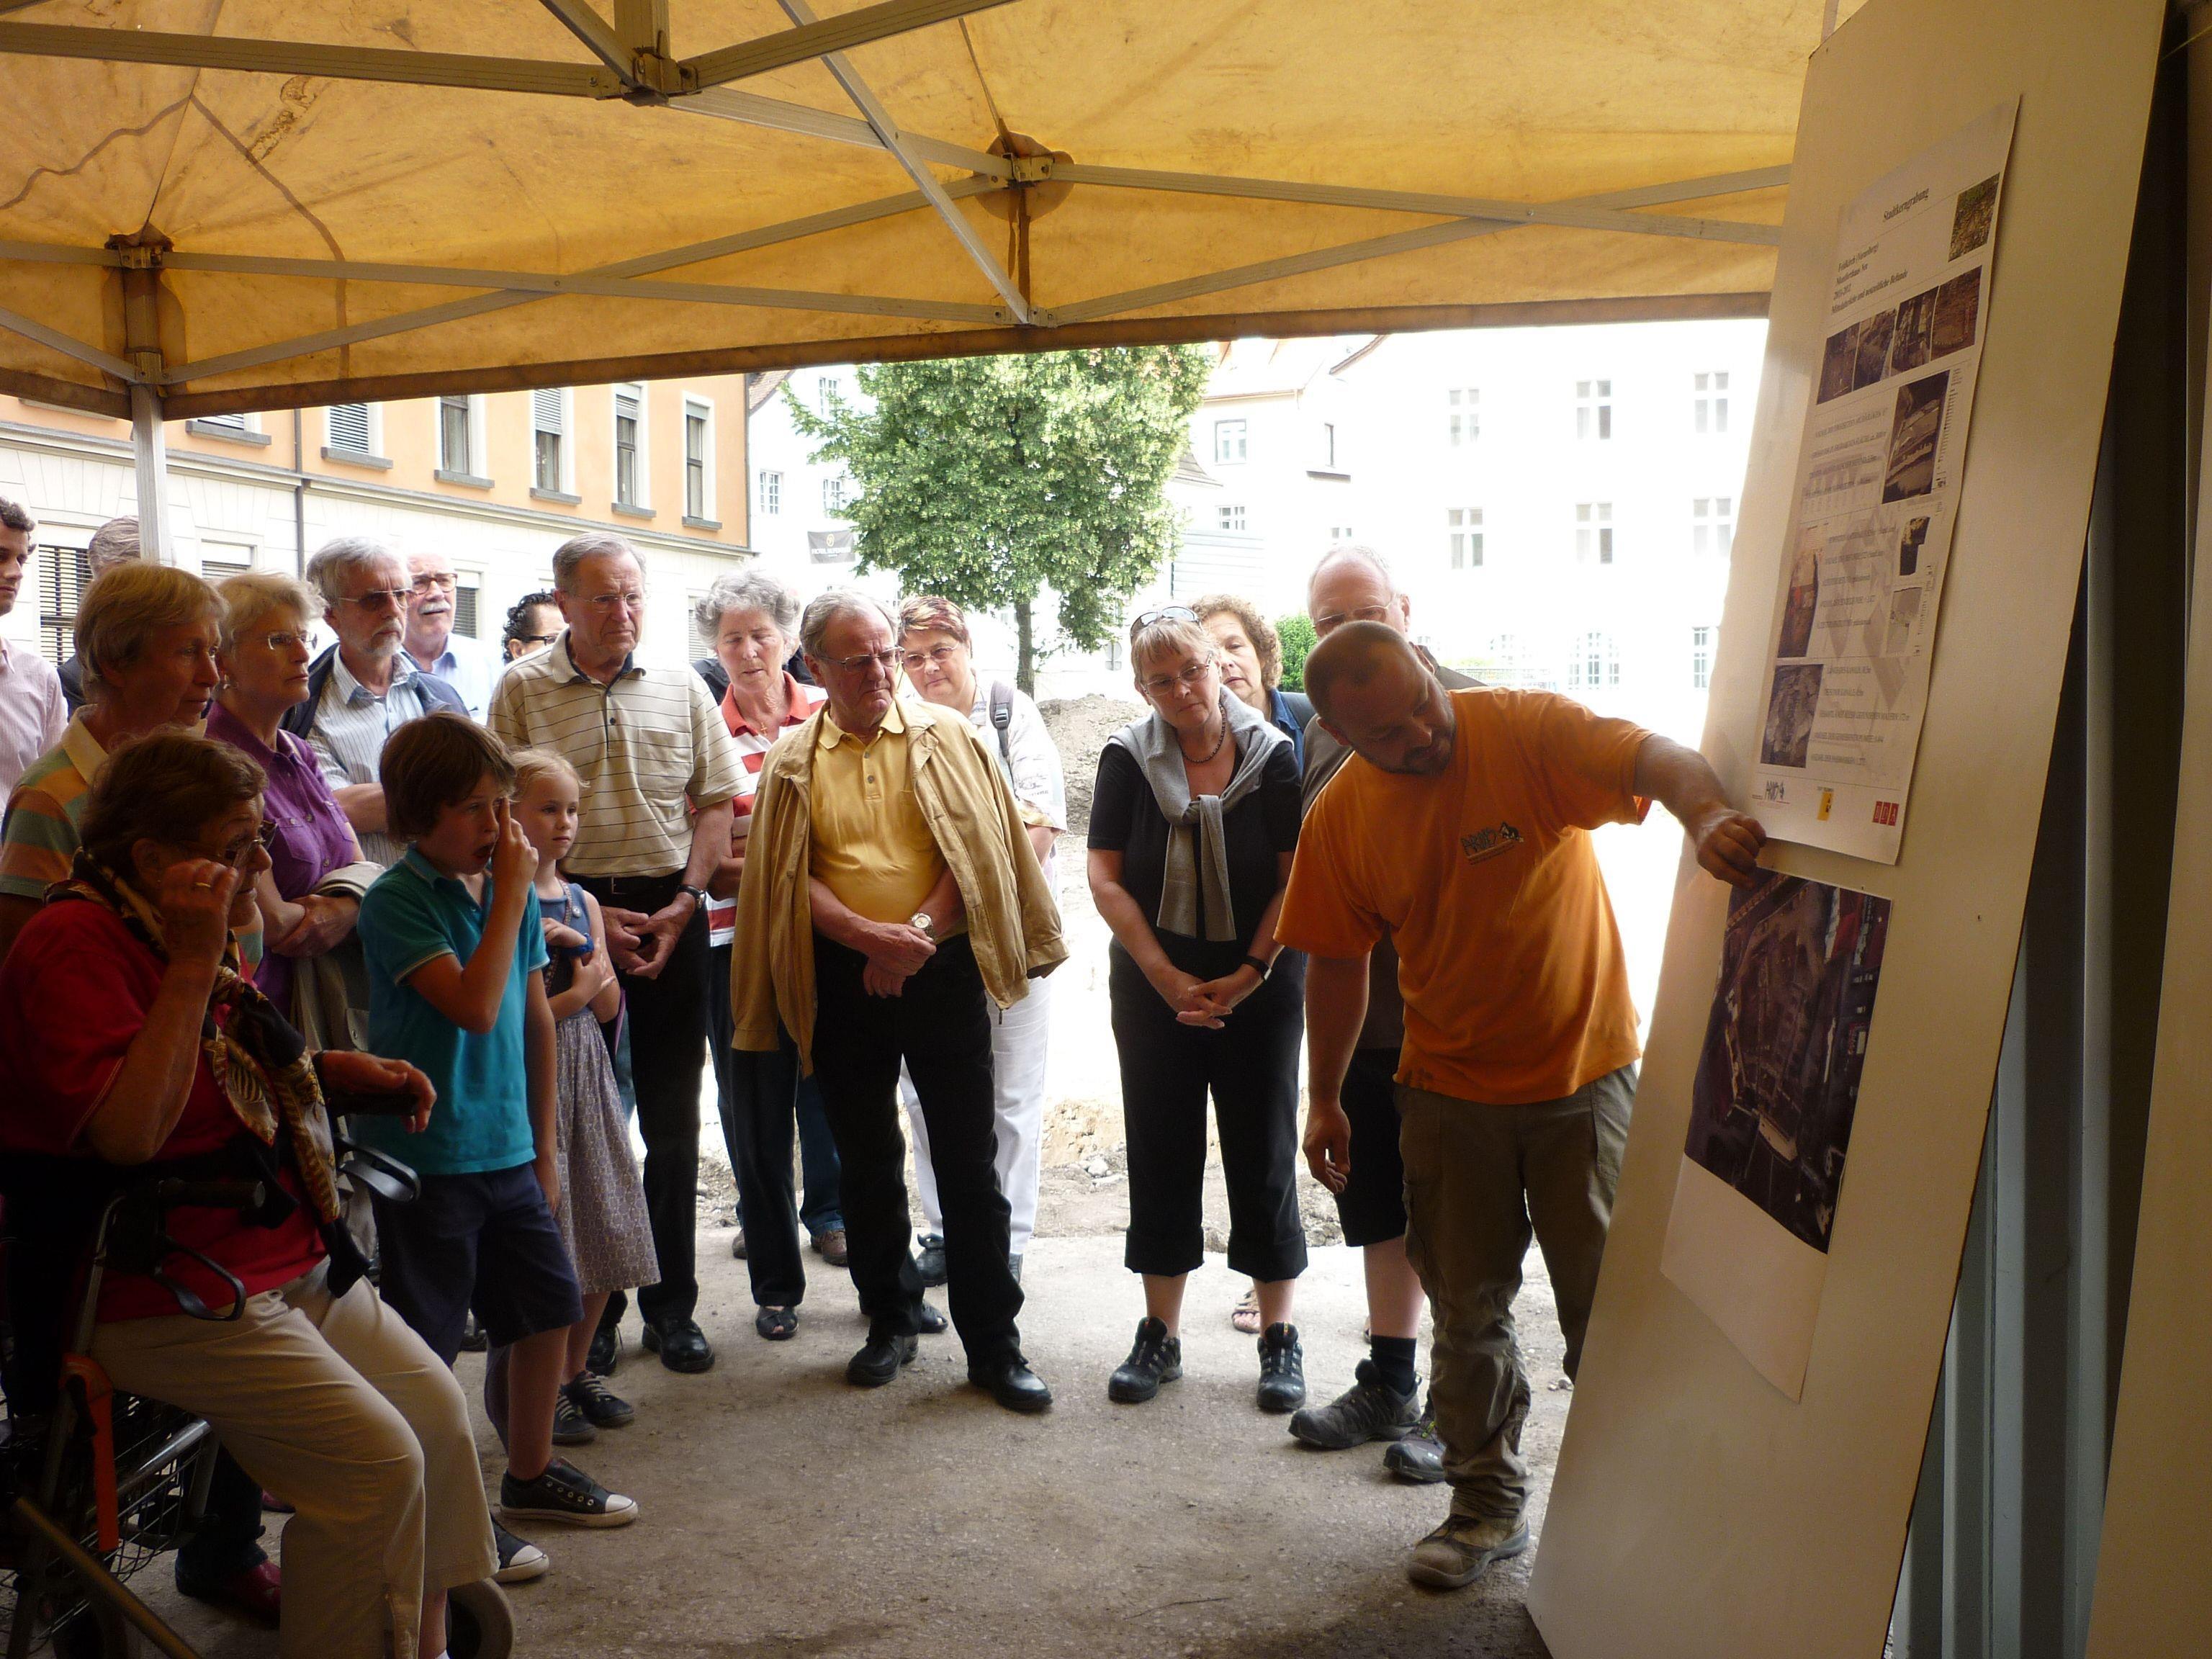 Die Archäologen präsentierten ihre Arbeit und die Ergebnisse der Grabungen den Besuchern.